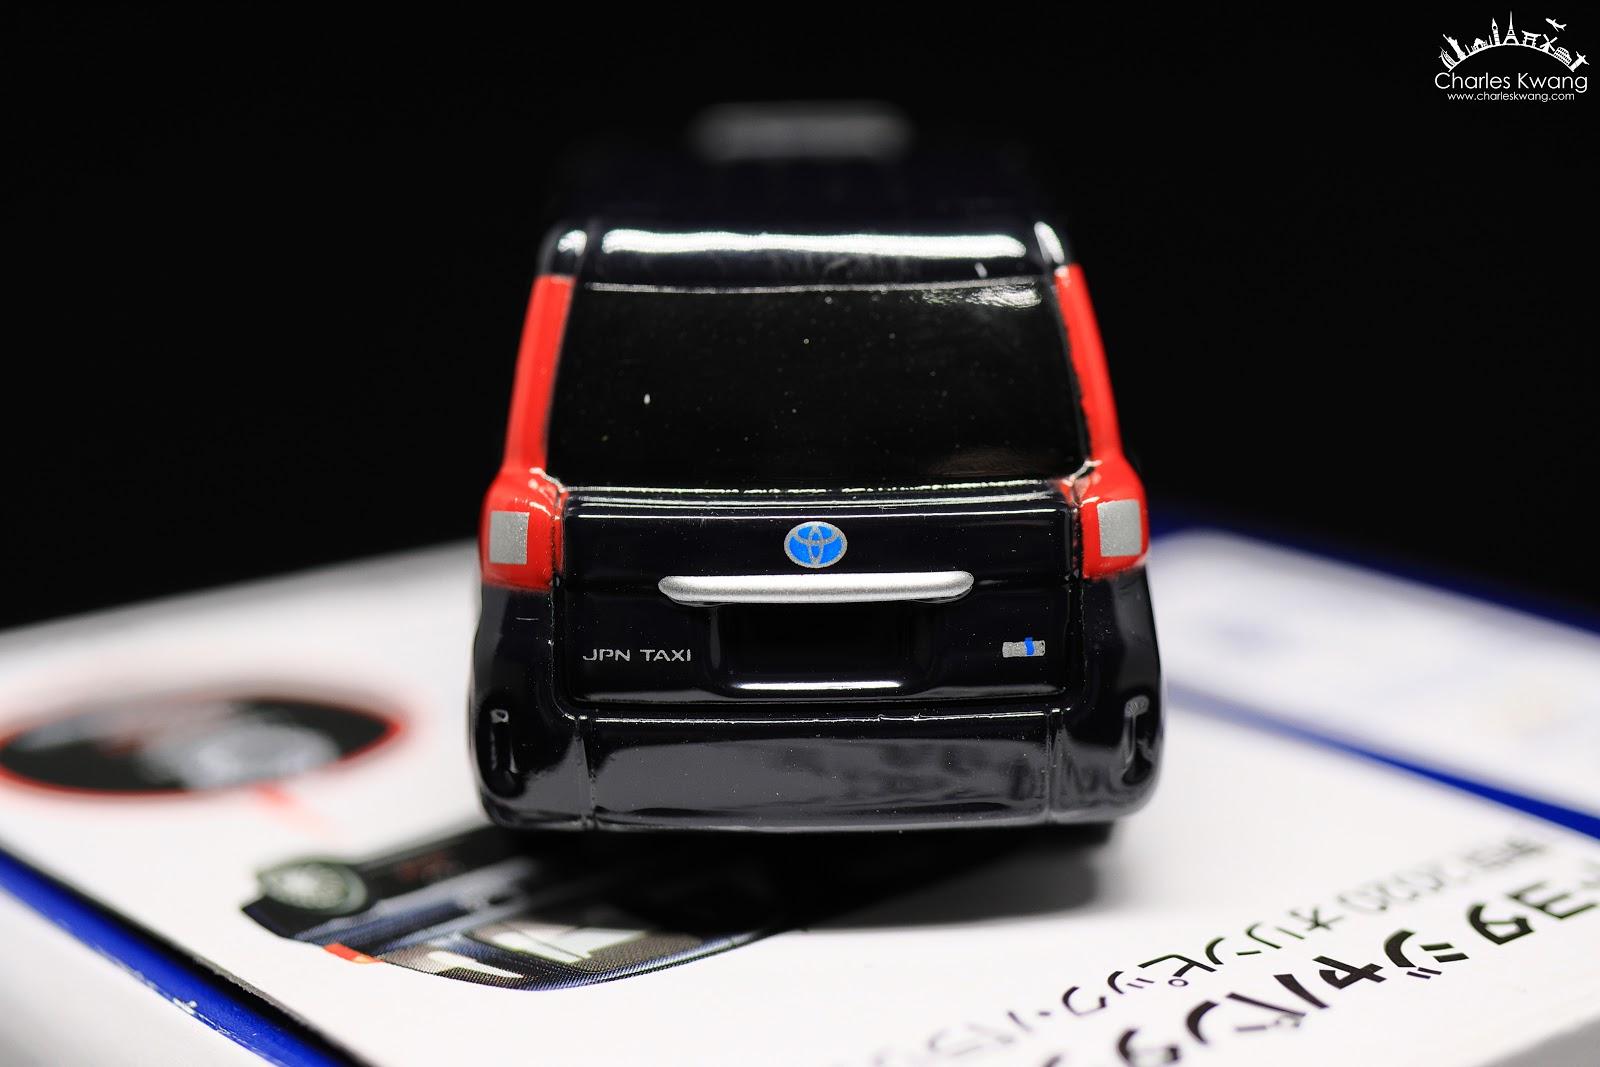 「TOMICA☆2020東京奧運計程車限定版」日本多美小汽車指定合作商品系列圖文開箱分享 - Charles Kwang 的美食慢遊